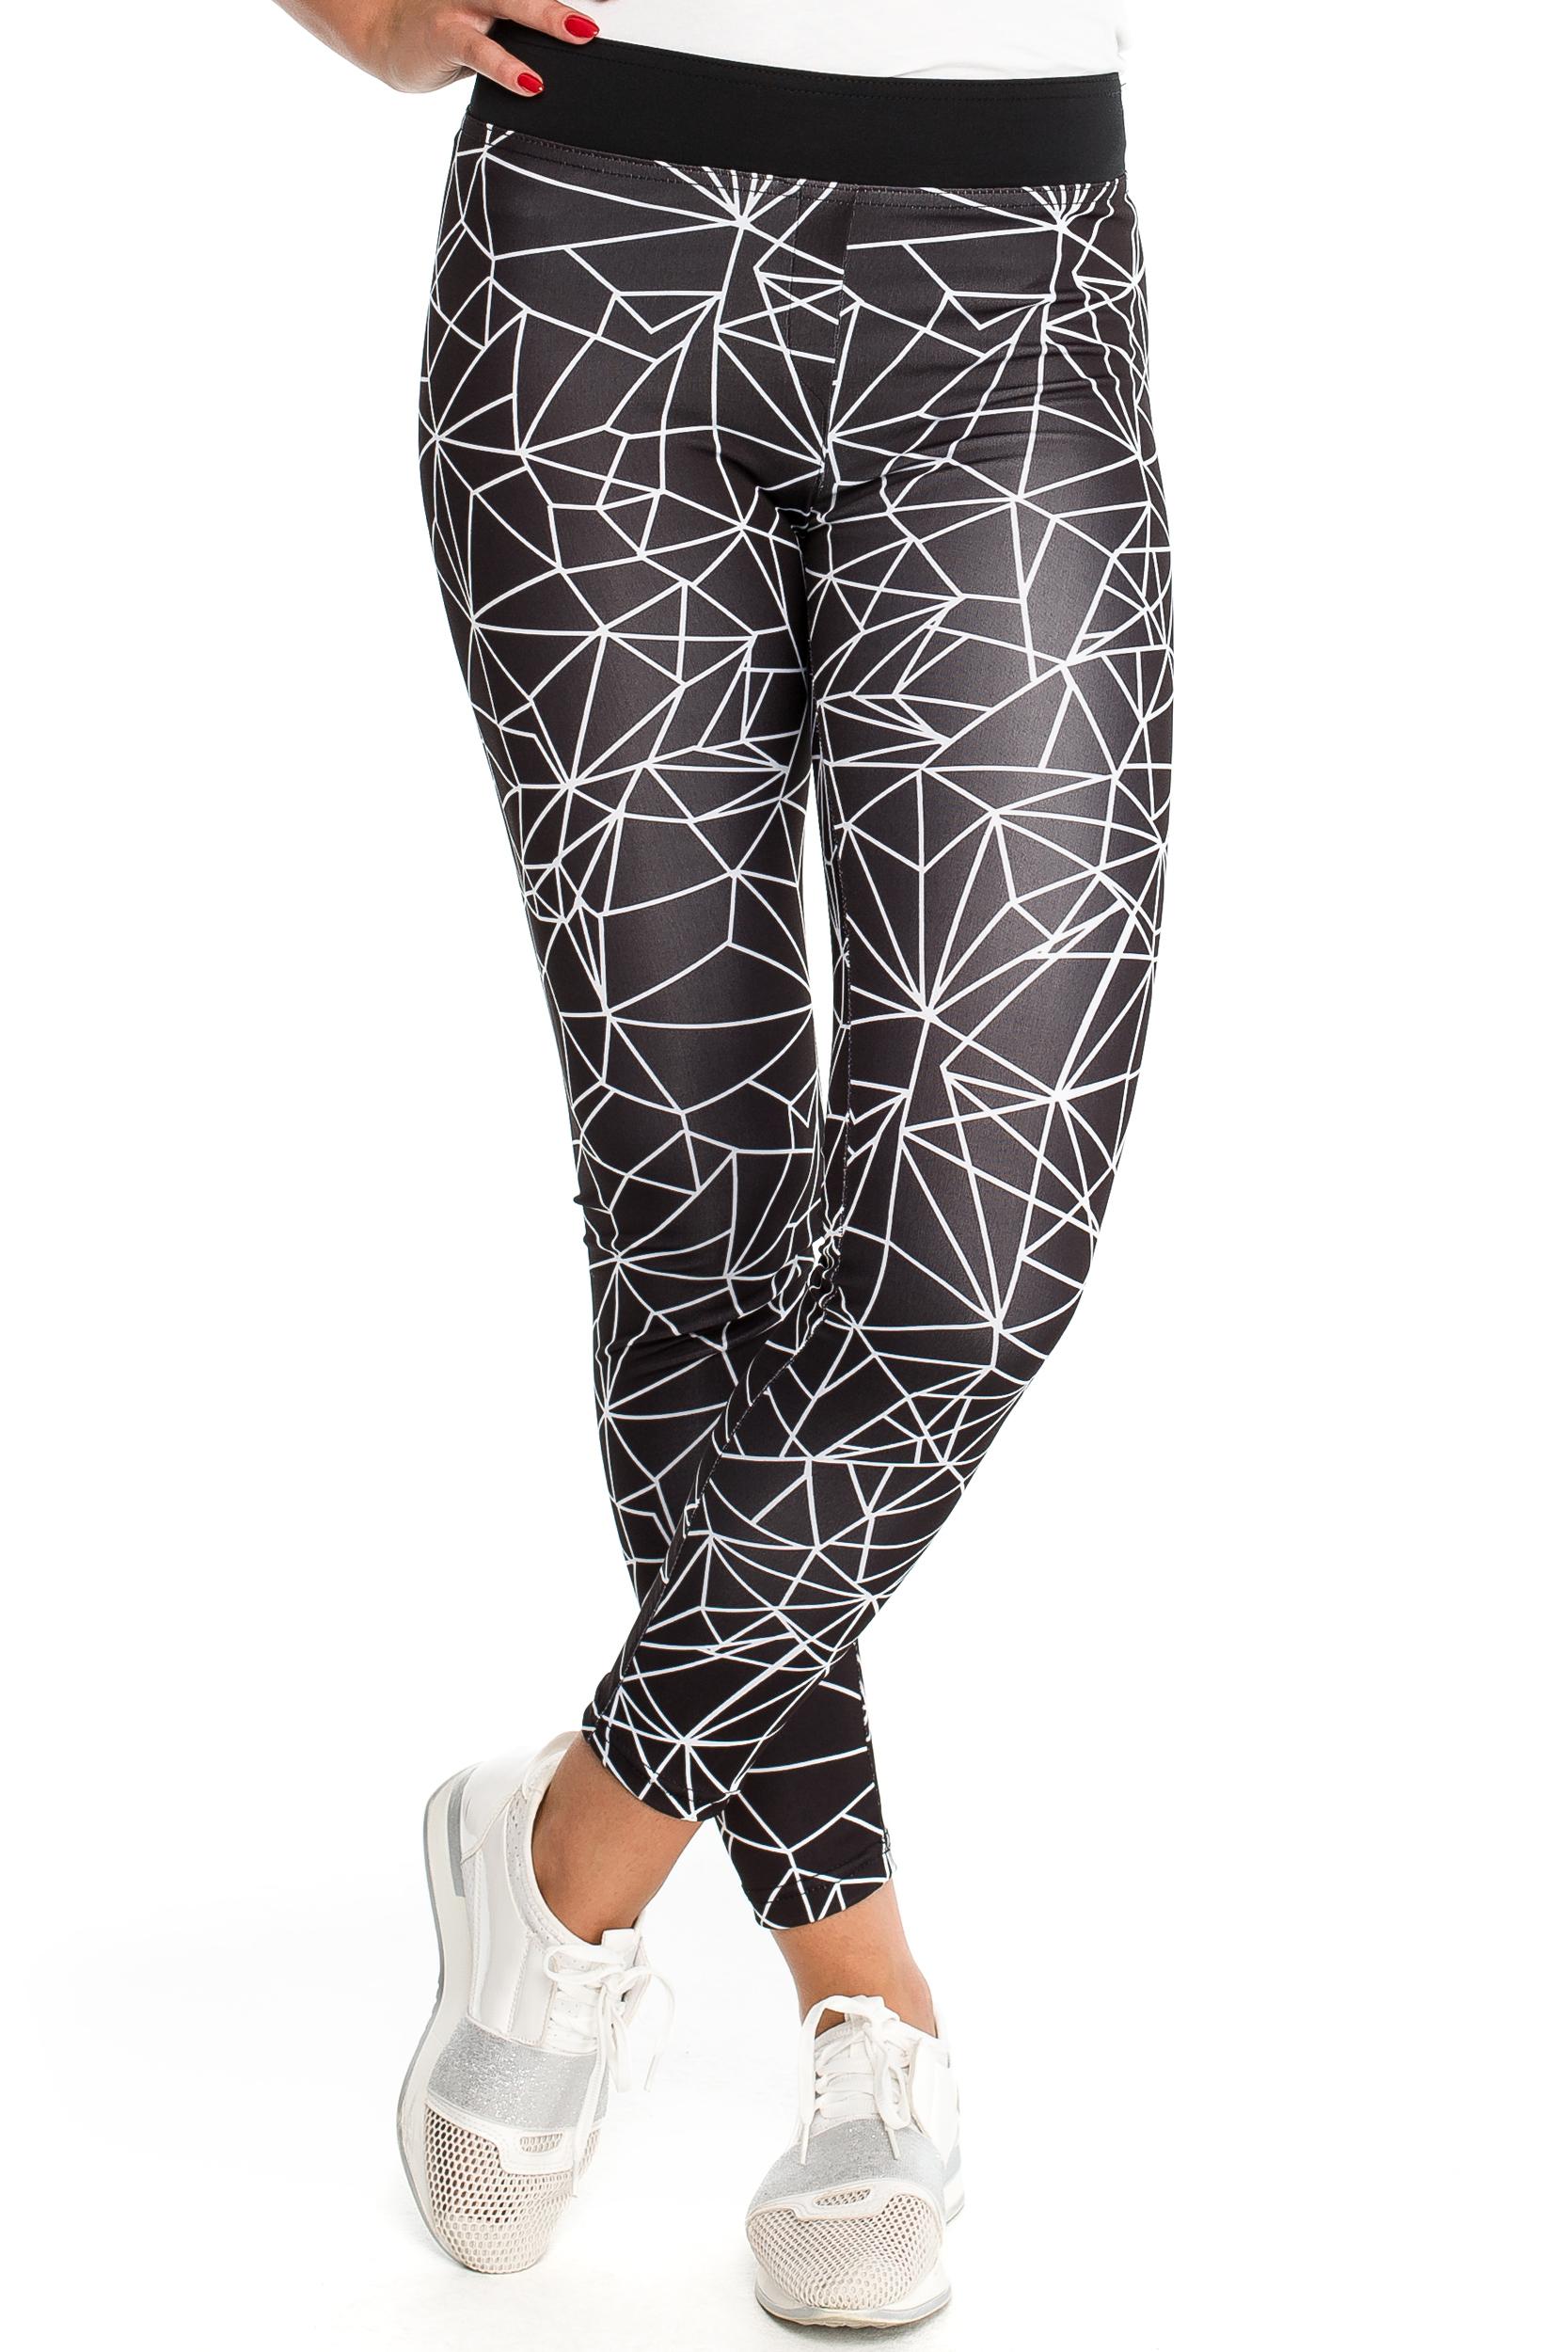 CM3925 Wygodne komfortowe legginsy